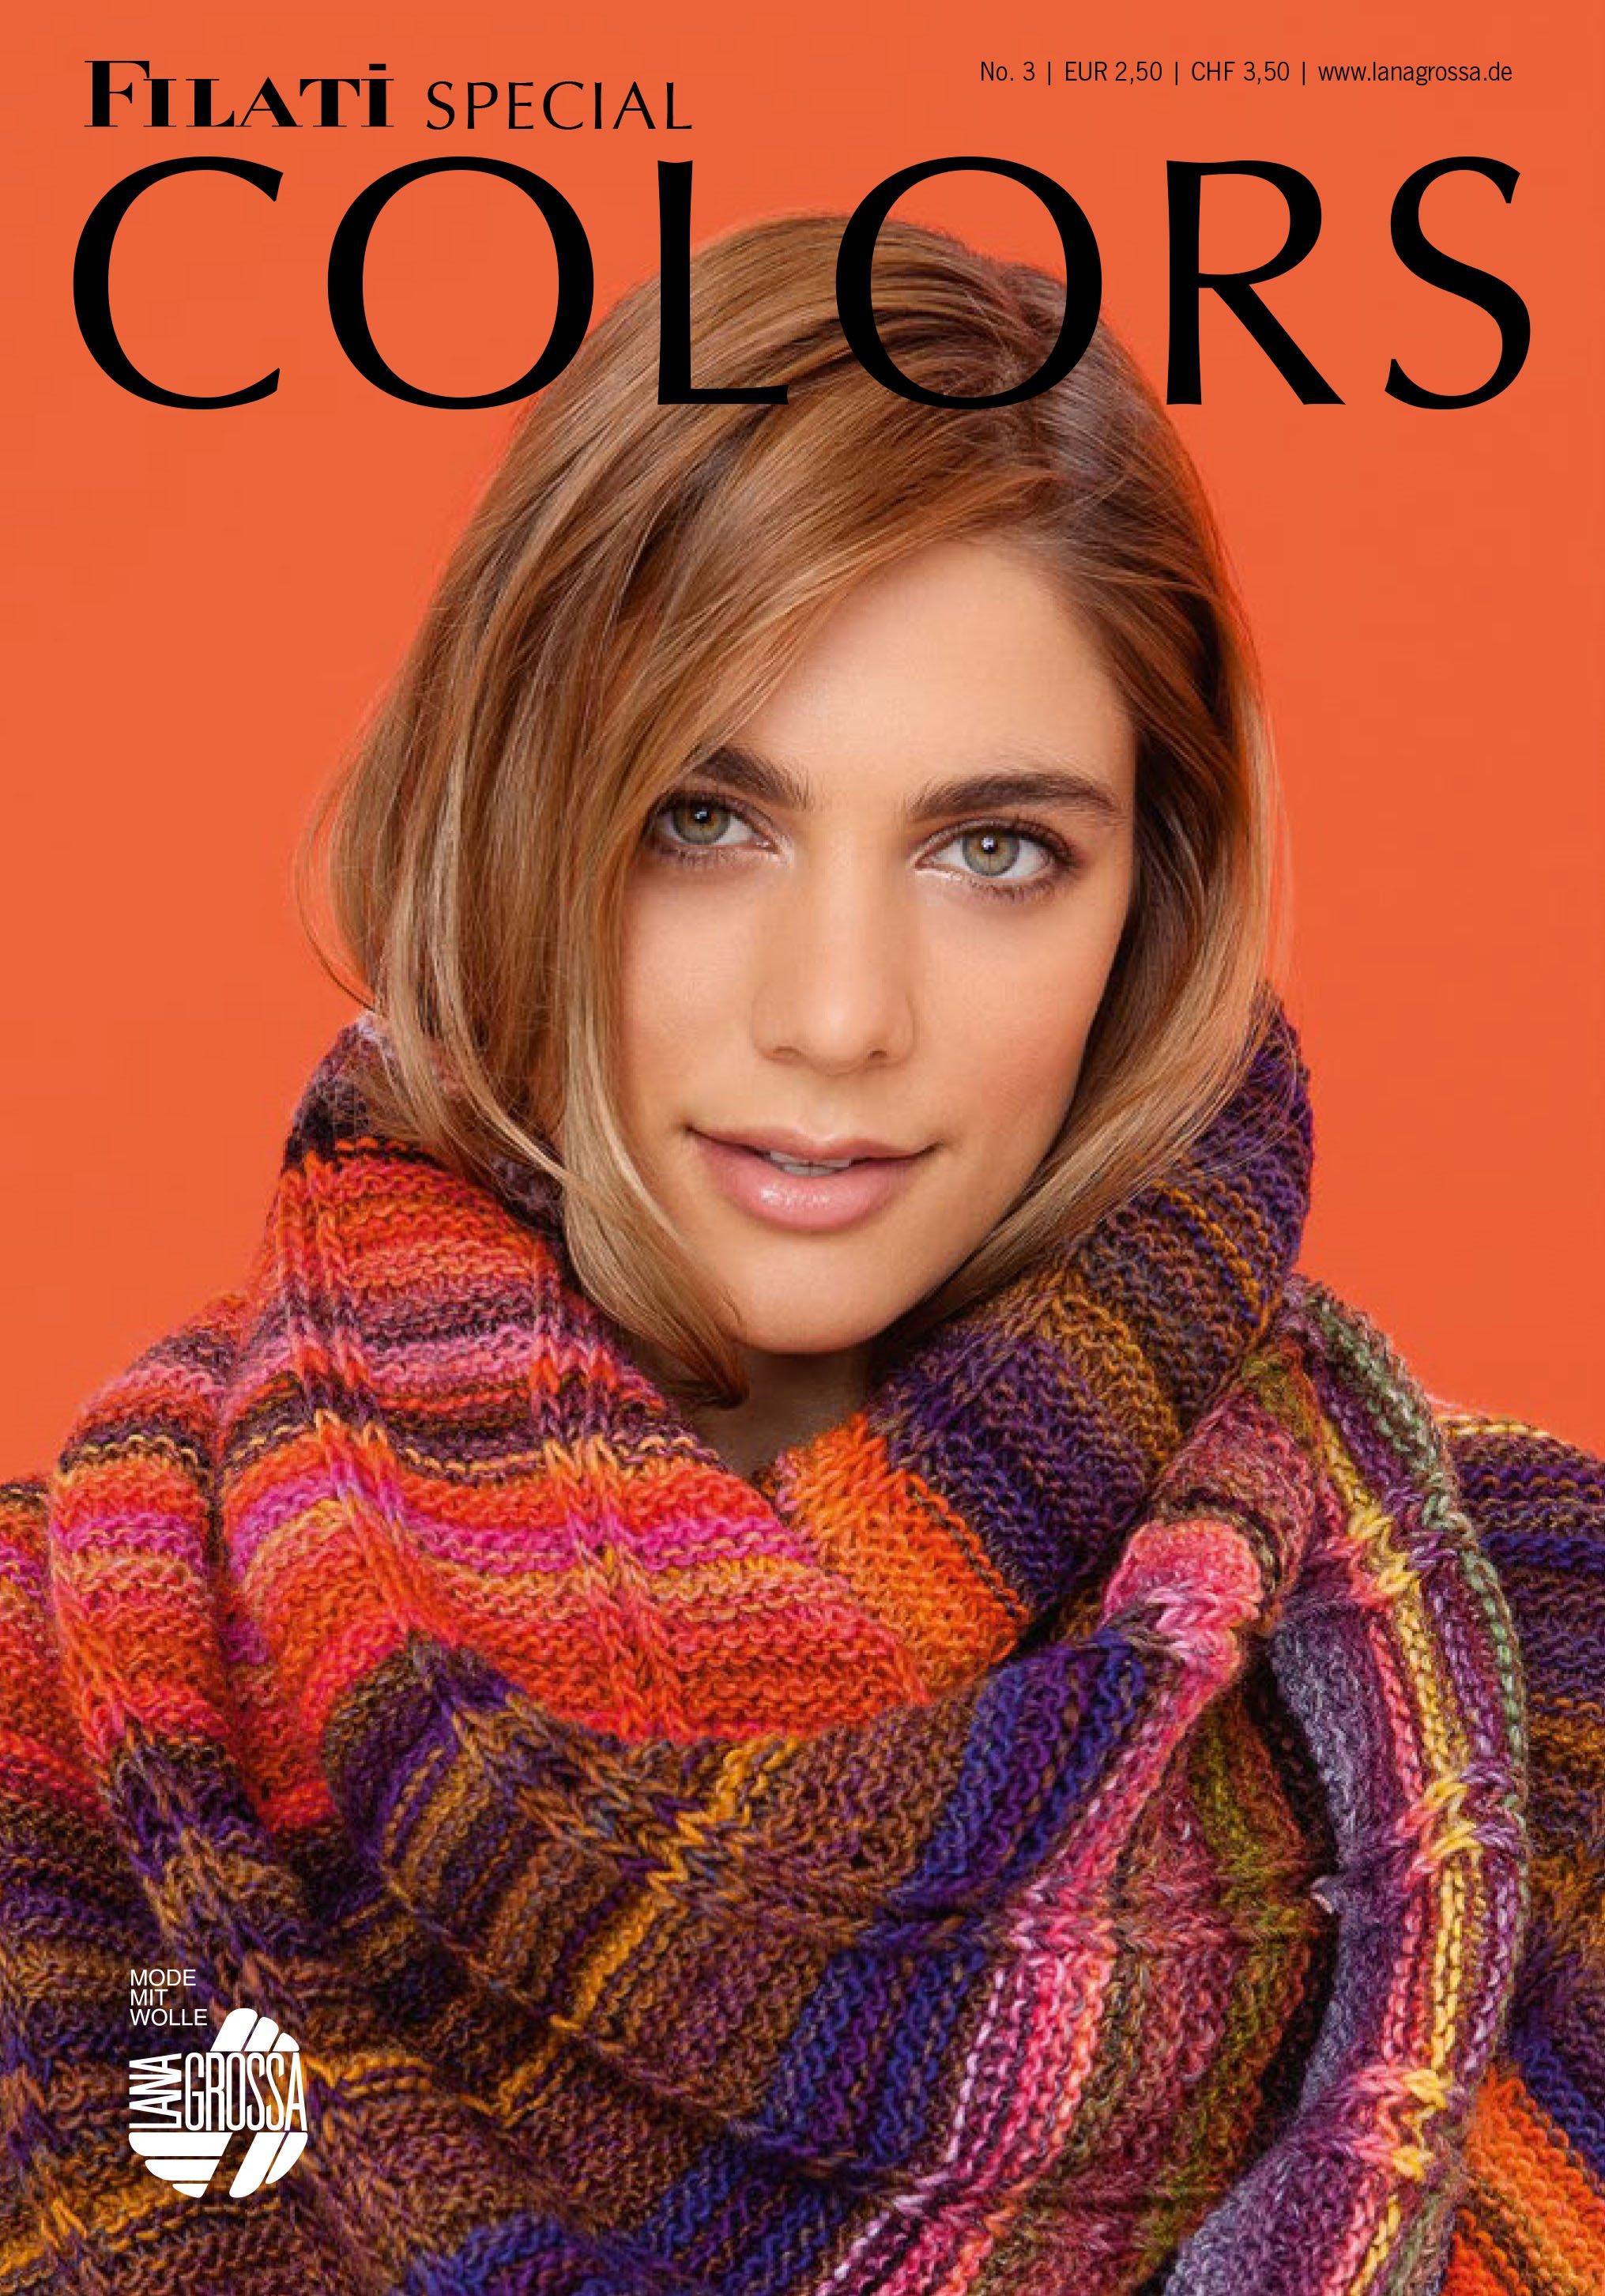 Lana Grossa COLORS No. 3 (FR)